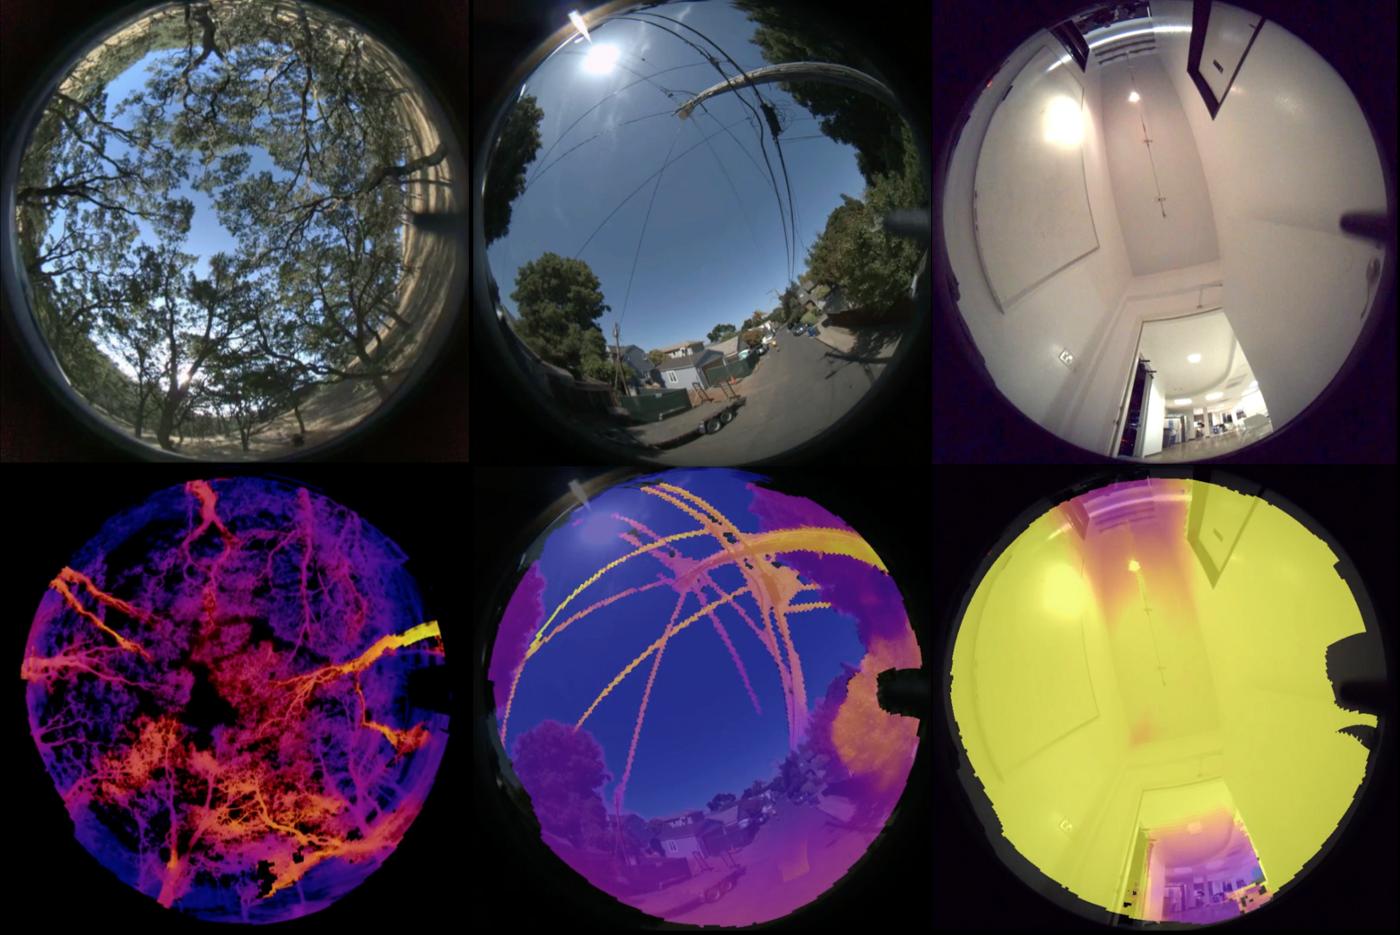 Skydio visual sensing cameras depth map drone autonomy